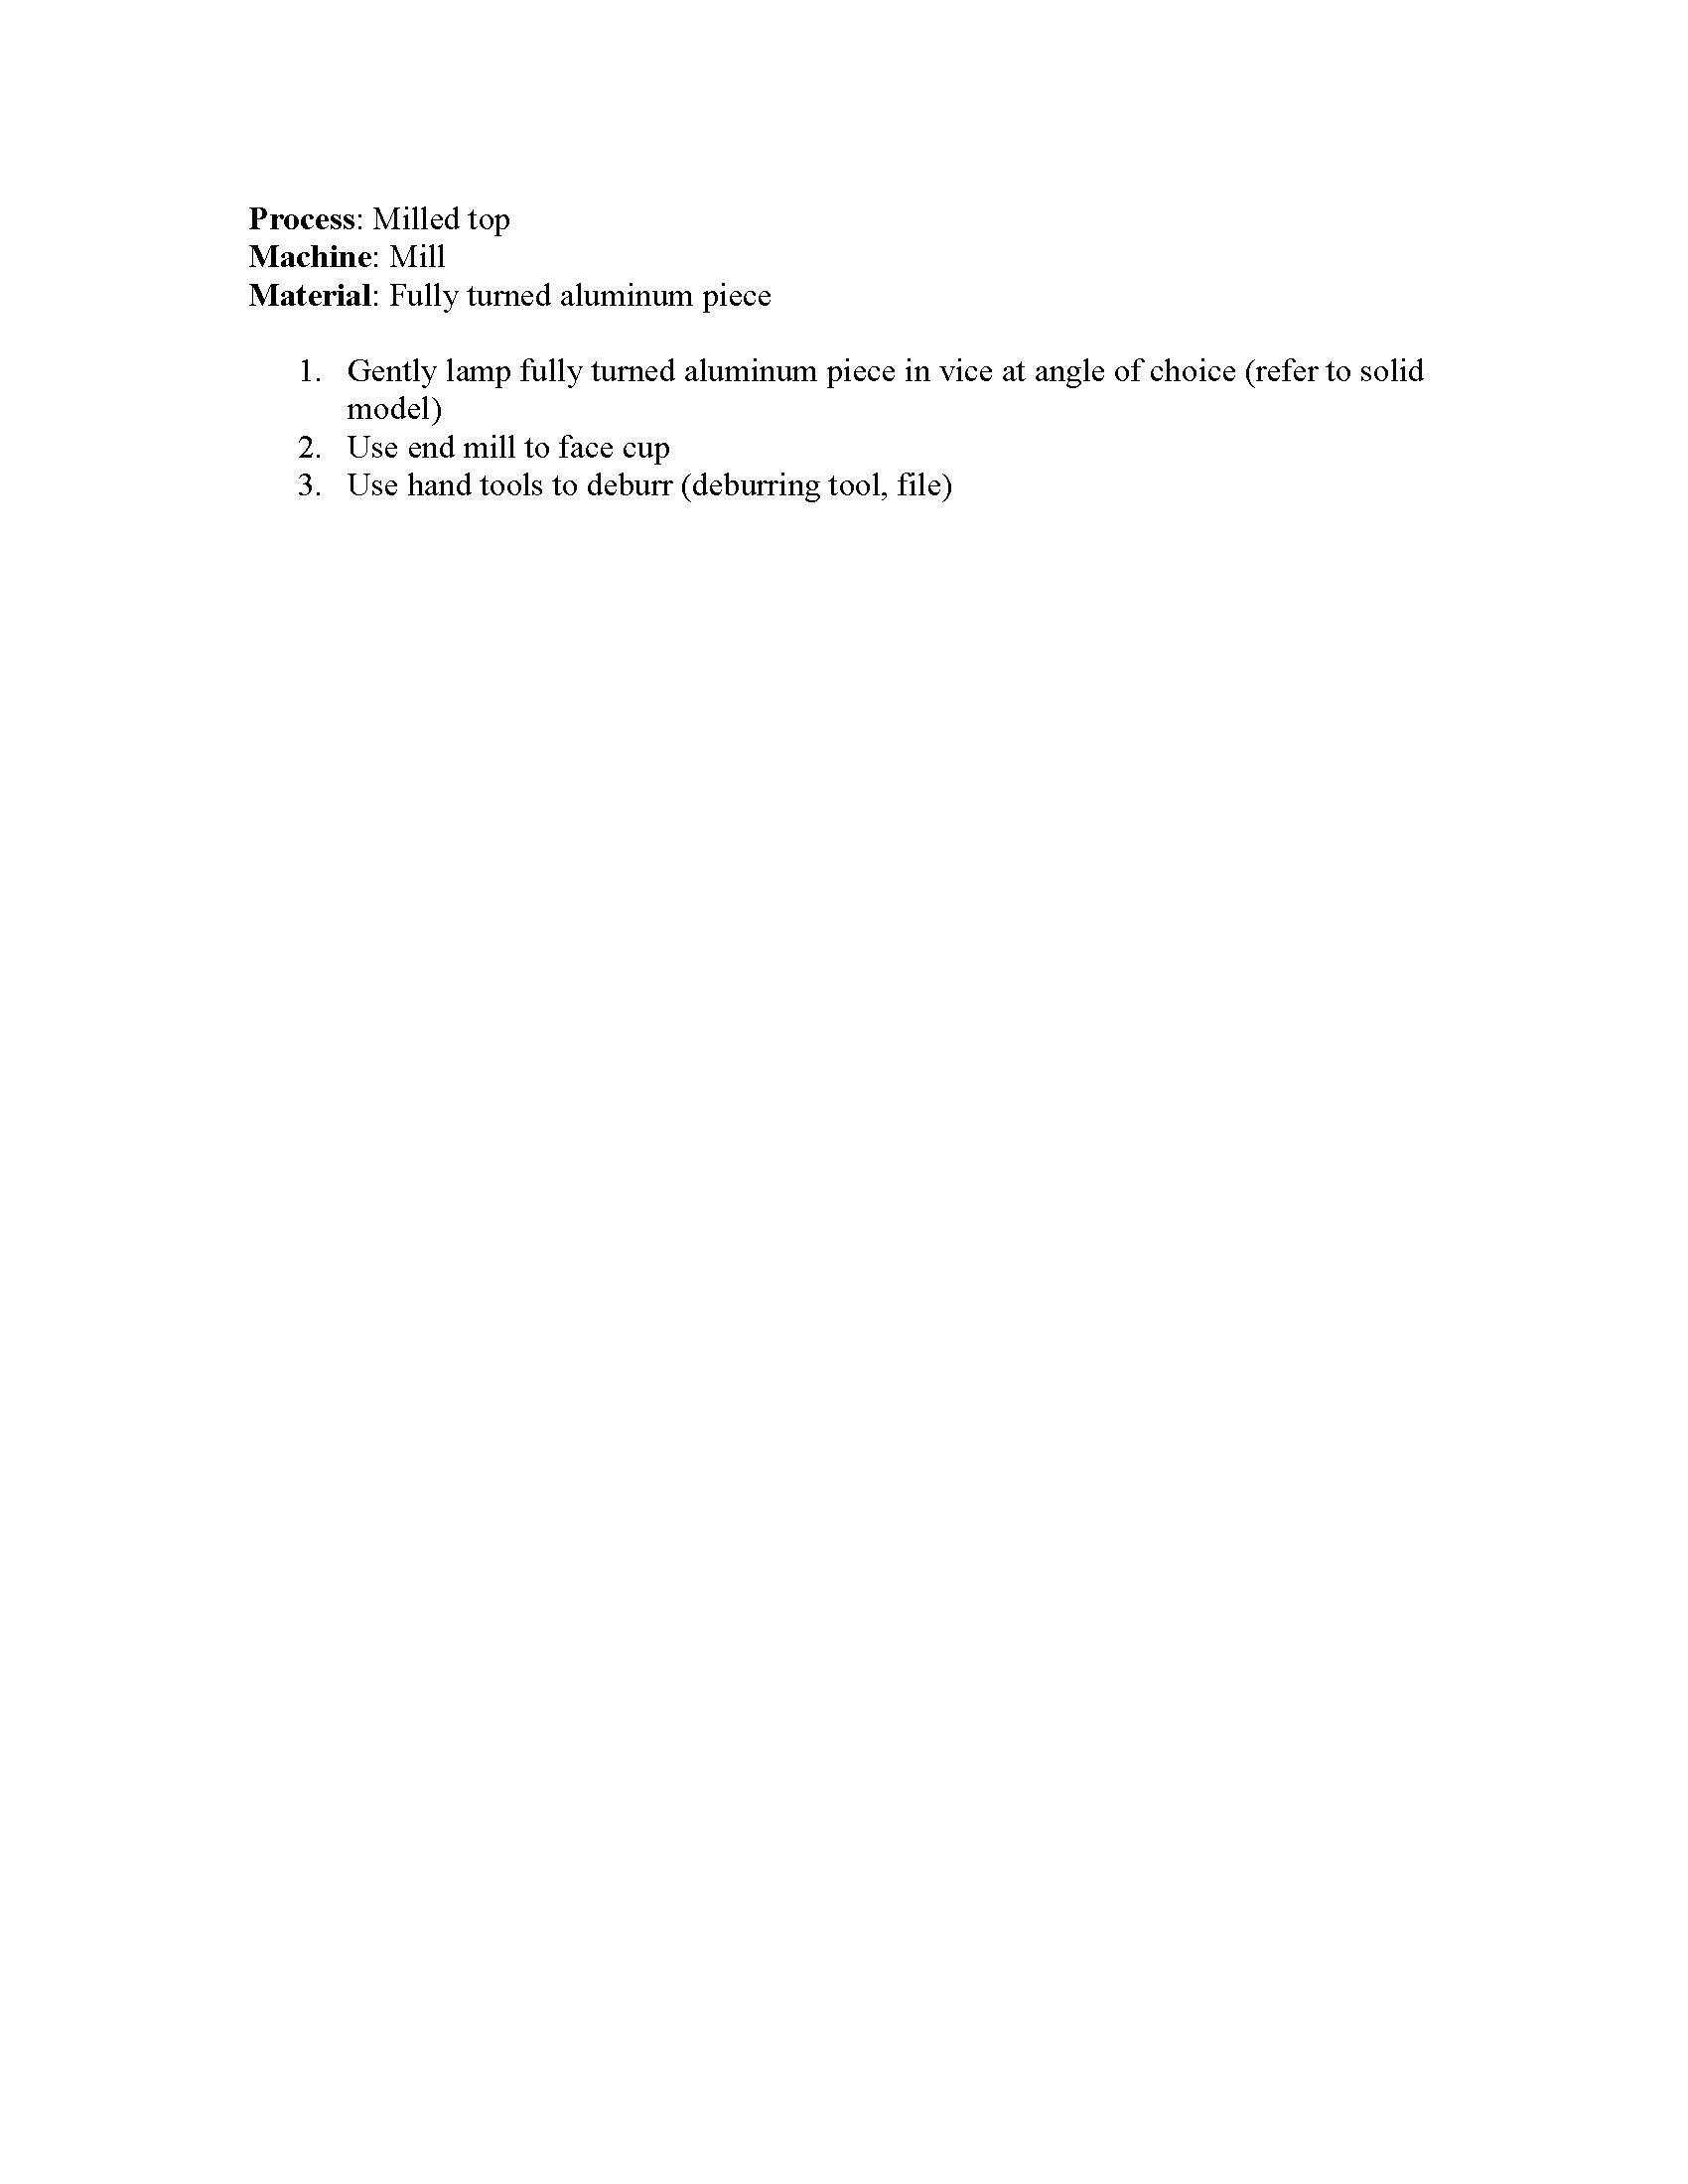 ManufacturingPlan_Page_4.jpg